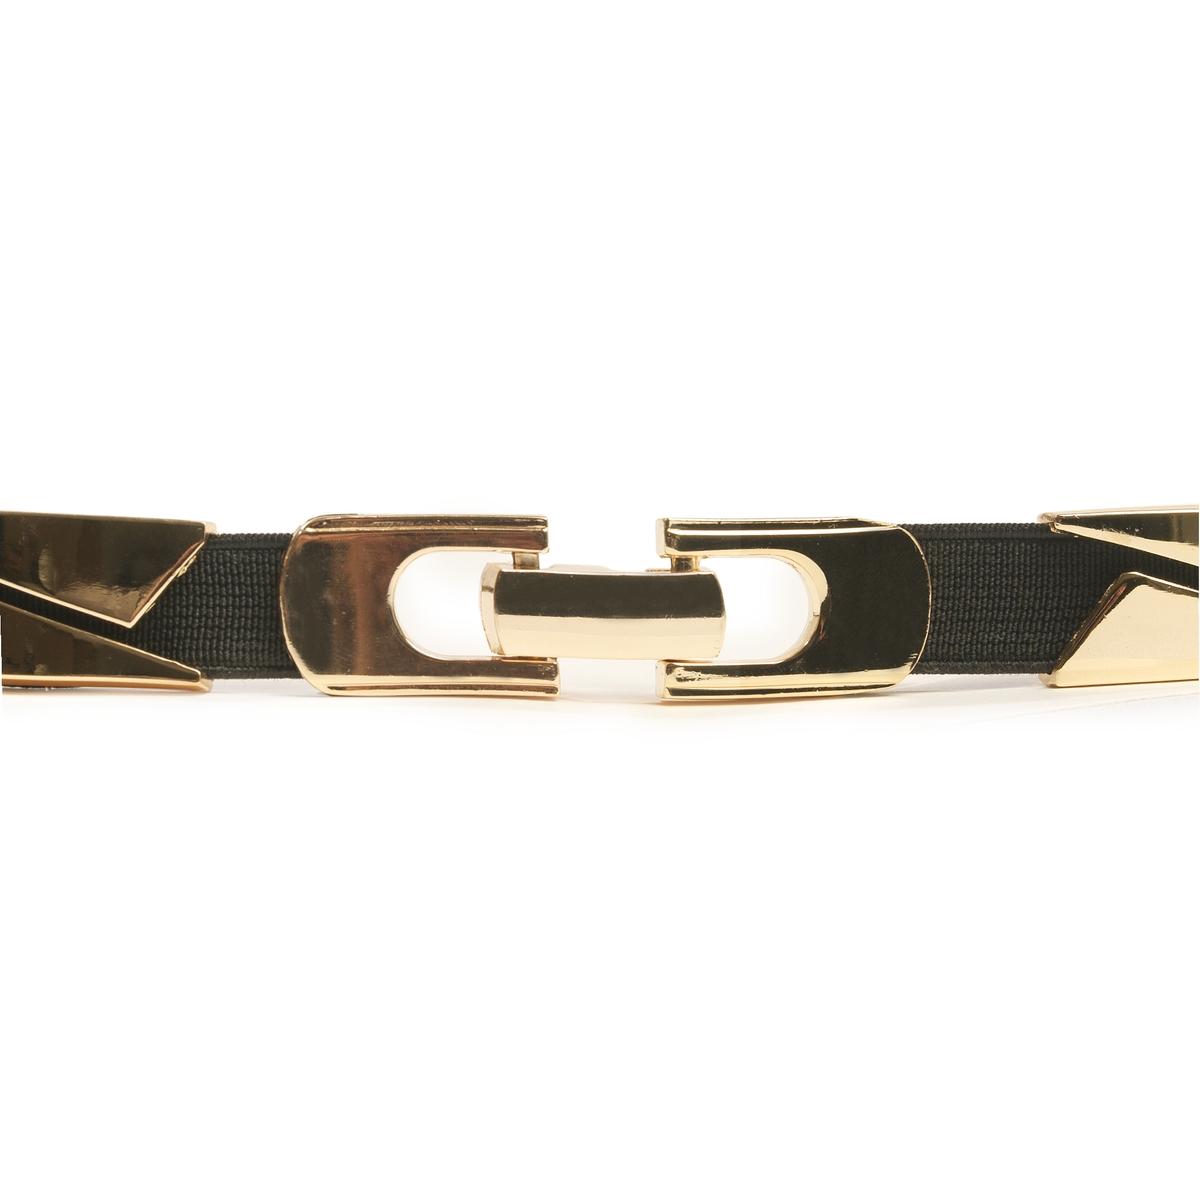 Ремень металлическийМеталлический ремень, R Edition.Отличный металл с графическим рисунком, ремень, который носится на поясе как украшение, чтобы подчеркнуть наряд и силуэт.  Состав и описание :Материал : металл и эластичный материалМарка : R EditionРазмеры : ширина 2 см      Застежка : на металлическую защелку<br><br>Цвет: черный/ золотистый